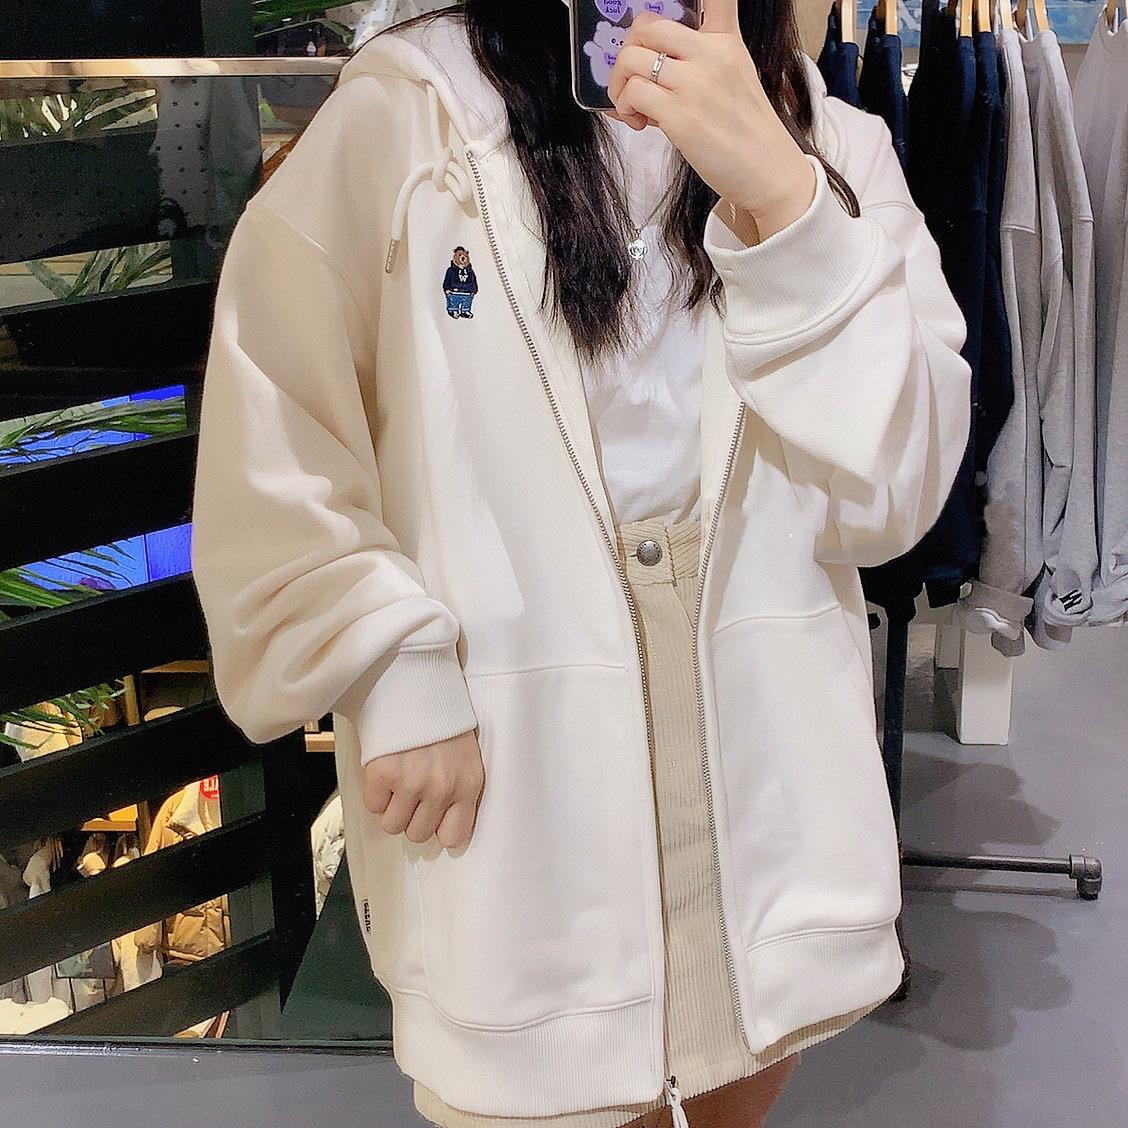 韩国潮牌小熊外套卫衣女连帽2021新款刺绣拉链宽松情侣开衫外套